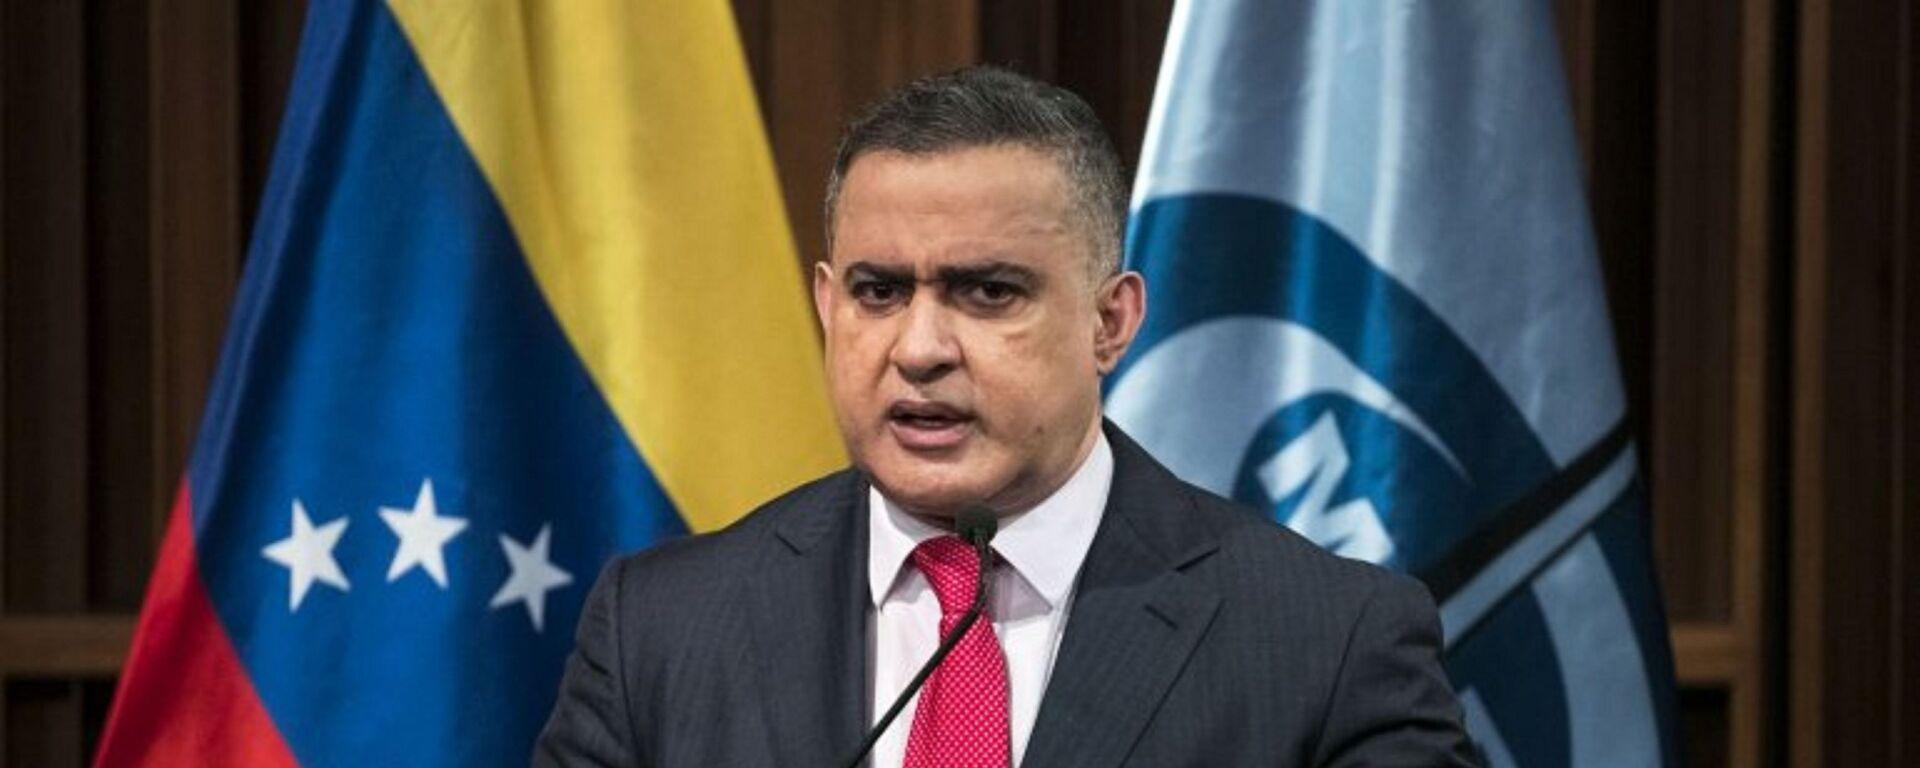 Tarek William Saab, fiscal general de Venezuela - Sputnik Mundo, 1920, 03.06.2021